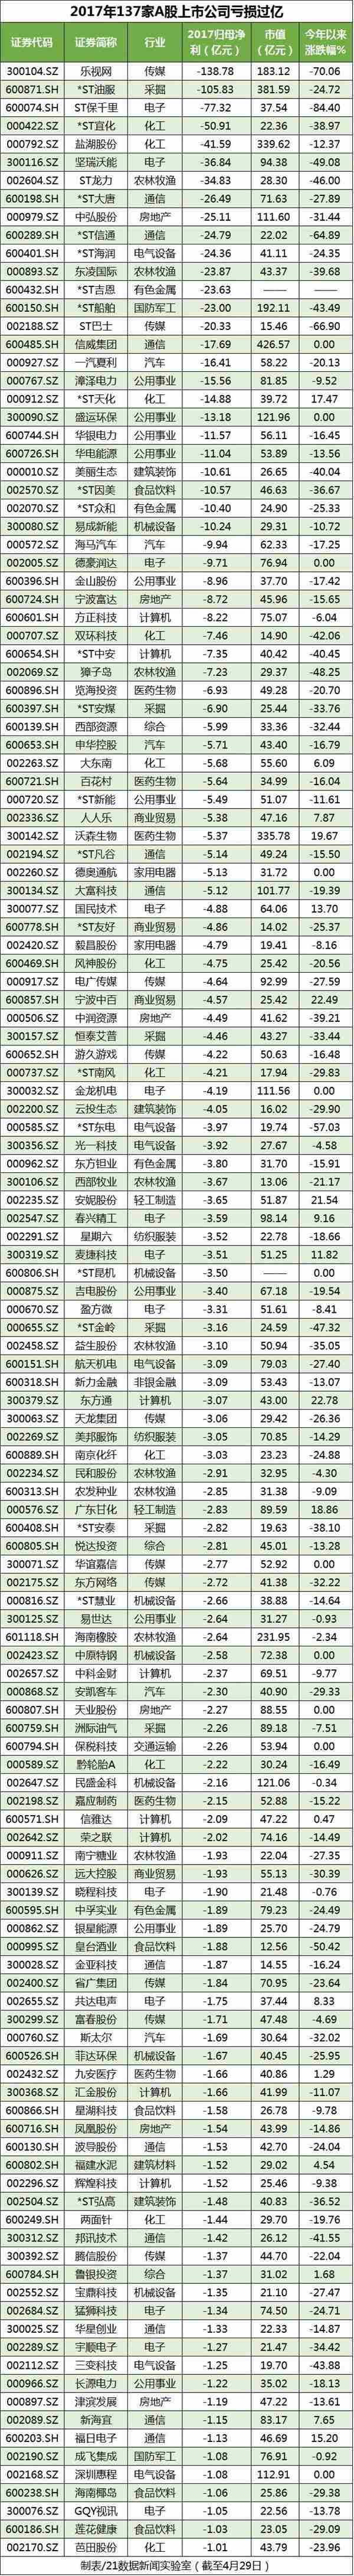 """重庆时时彩手机版本:各行业""""亏损王""""曝光!还有这38家公司连续两年隐形亏损"""